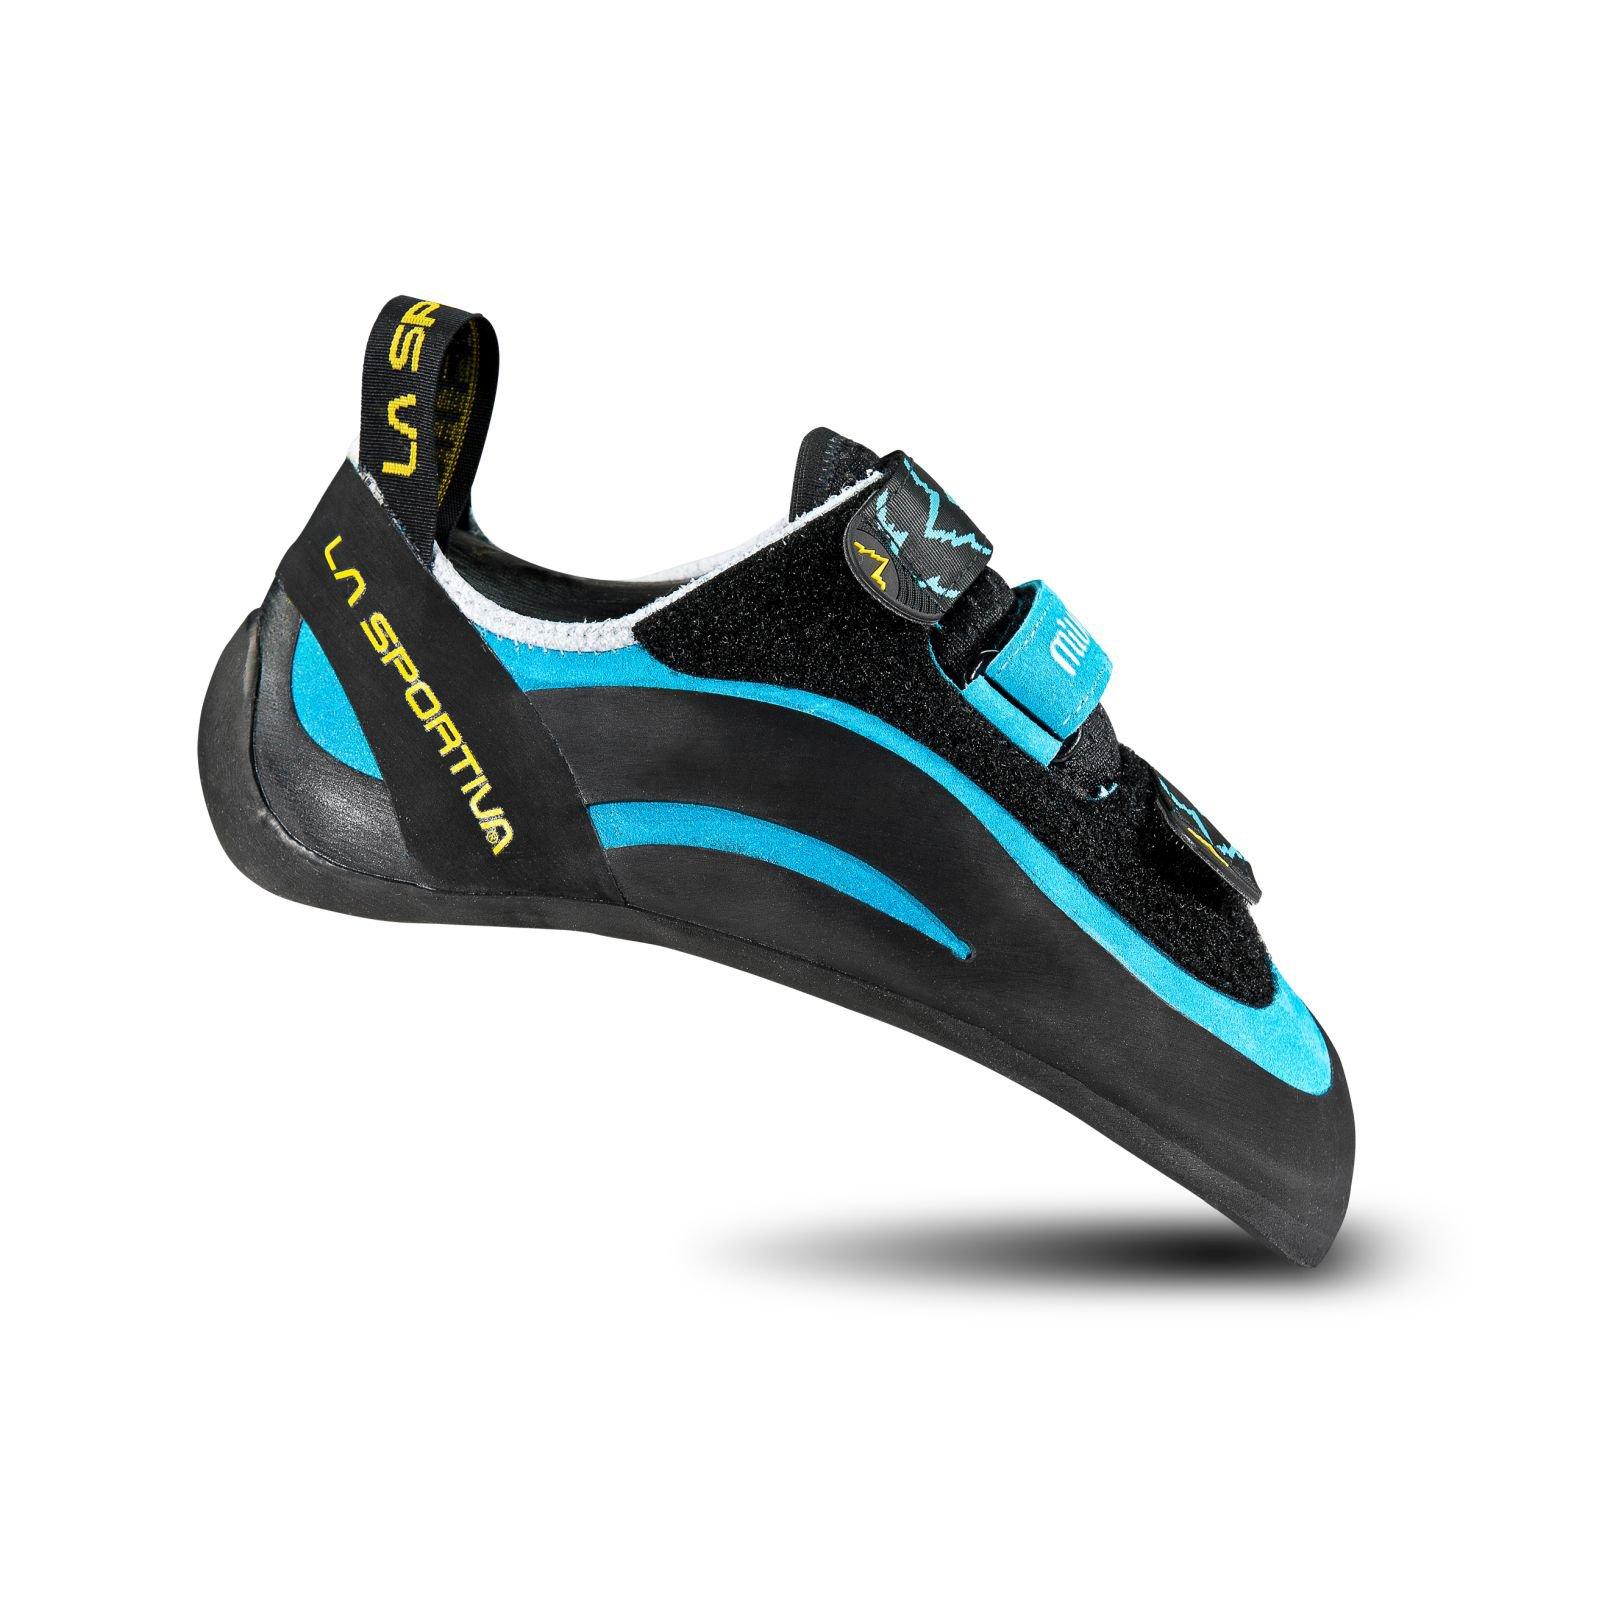 La Sportiva Miura VS Women's Climbing Shoe, Blue, 38 by La Sportiva